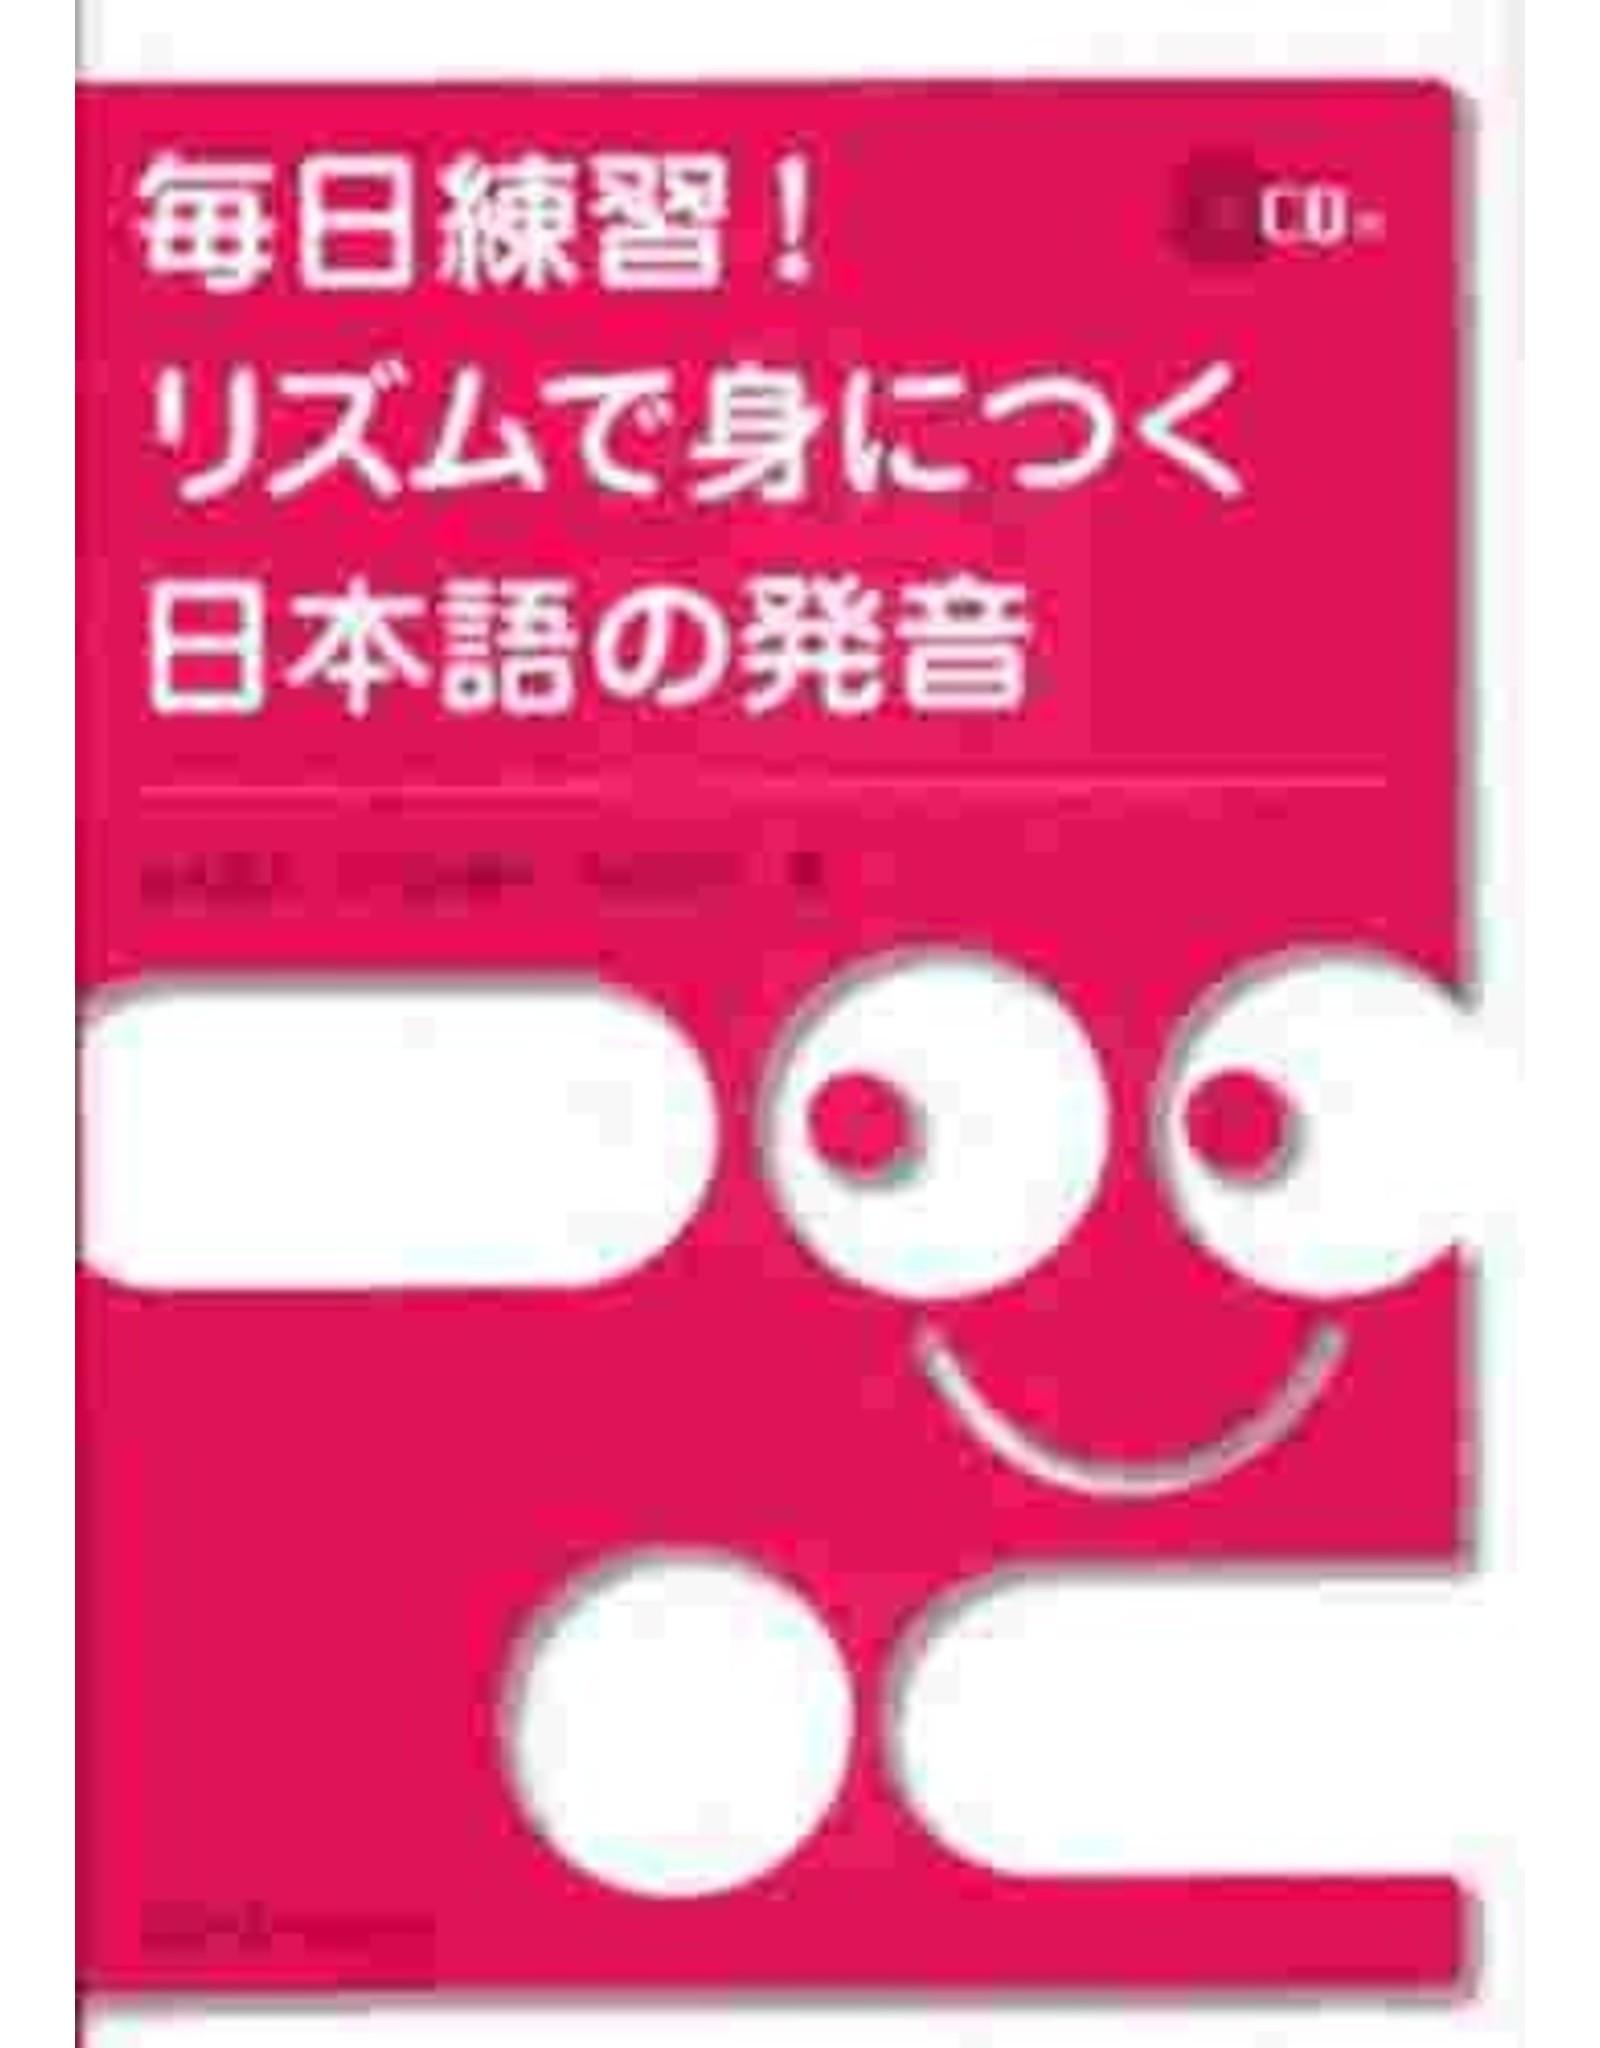 3A Corporation MAINICHI RENSHU! RHYTHM DE MINI TSUKU NIHONGO NO HATSUON W/ CD